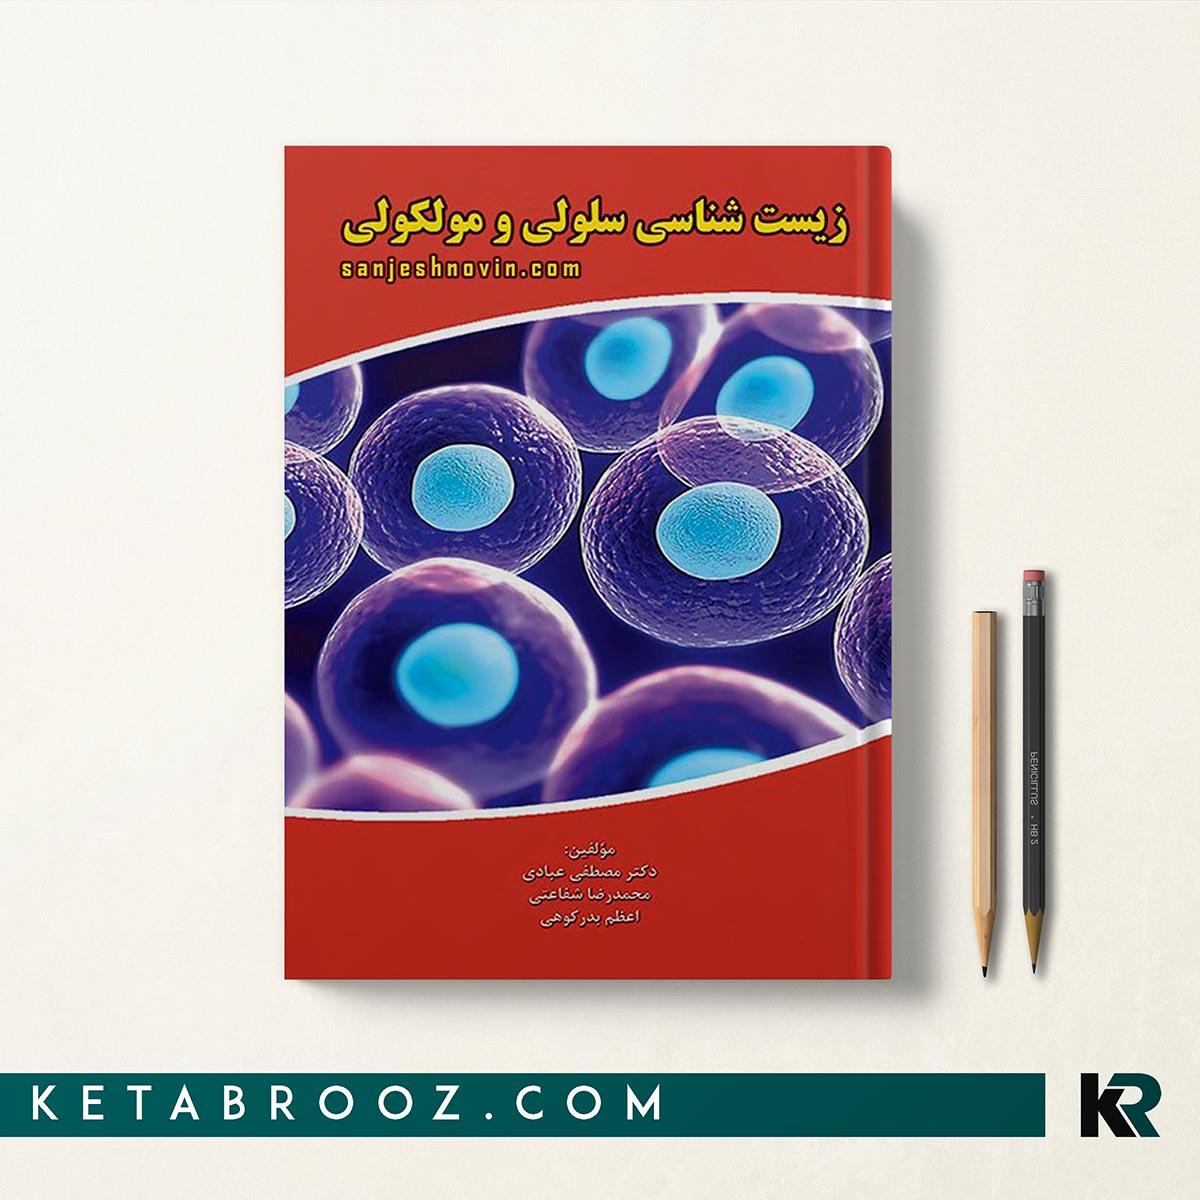 زیست شناسی سلولی و مولکولی عبادی